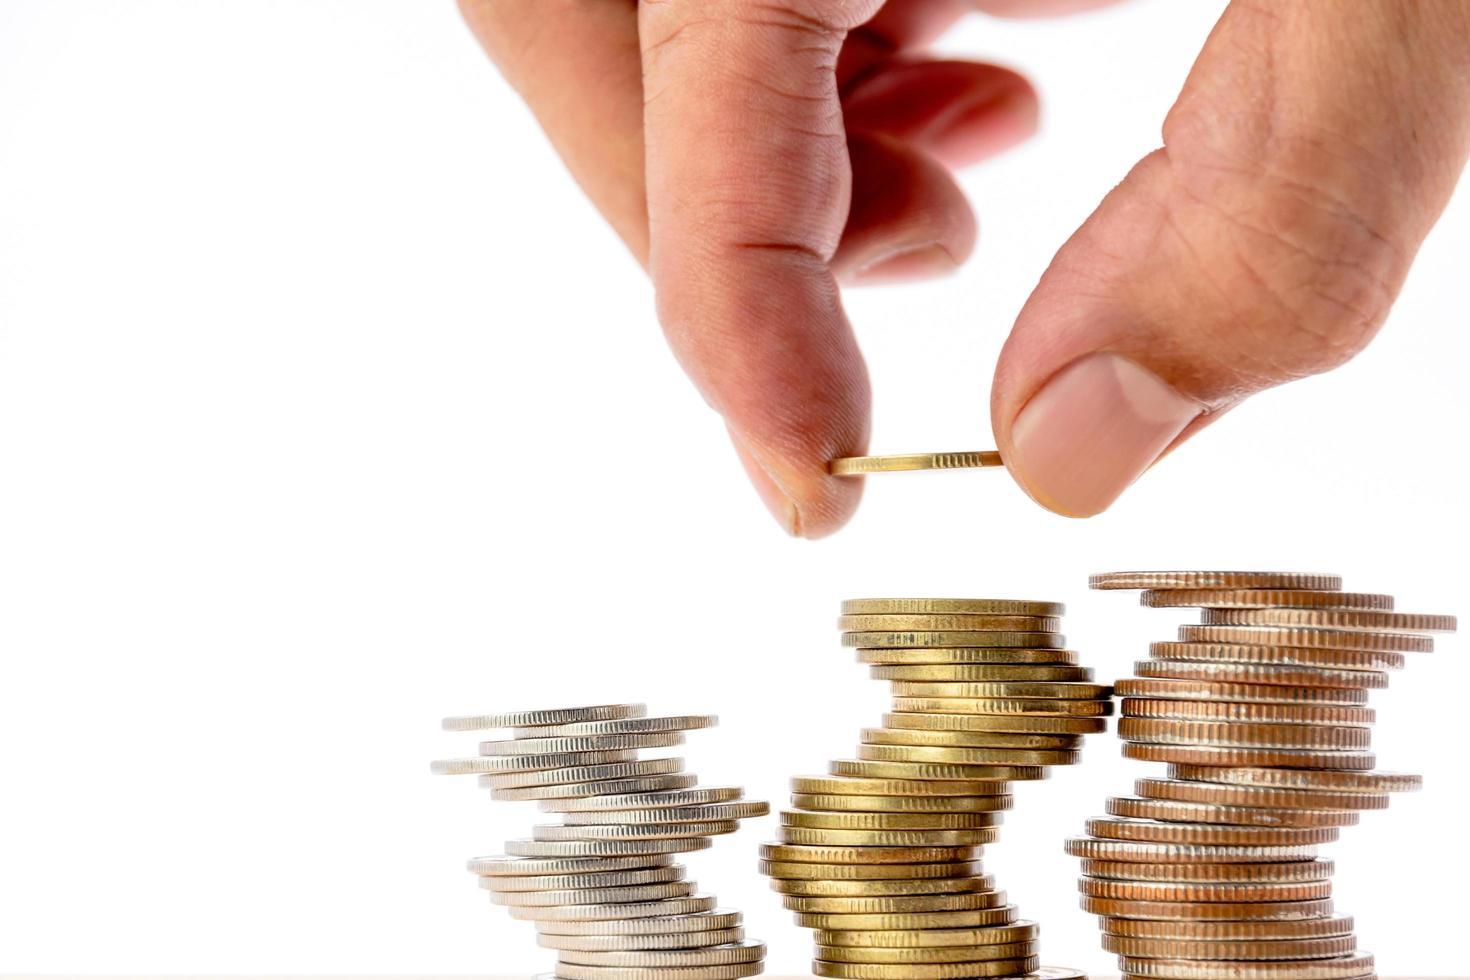 Primer plano de la mano humana poniendo una moneda sobre un montón de monedas. foto